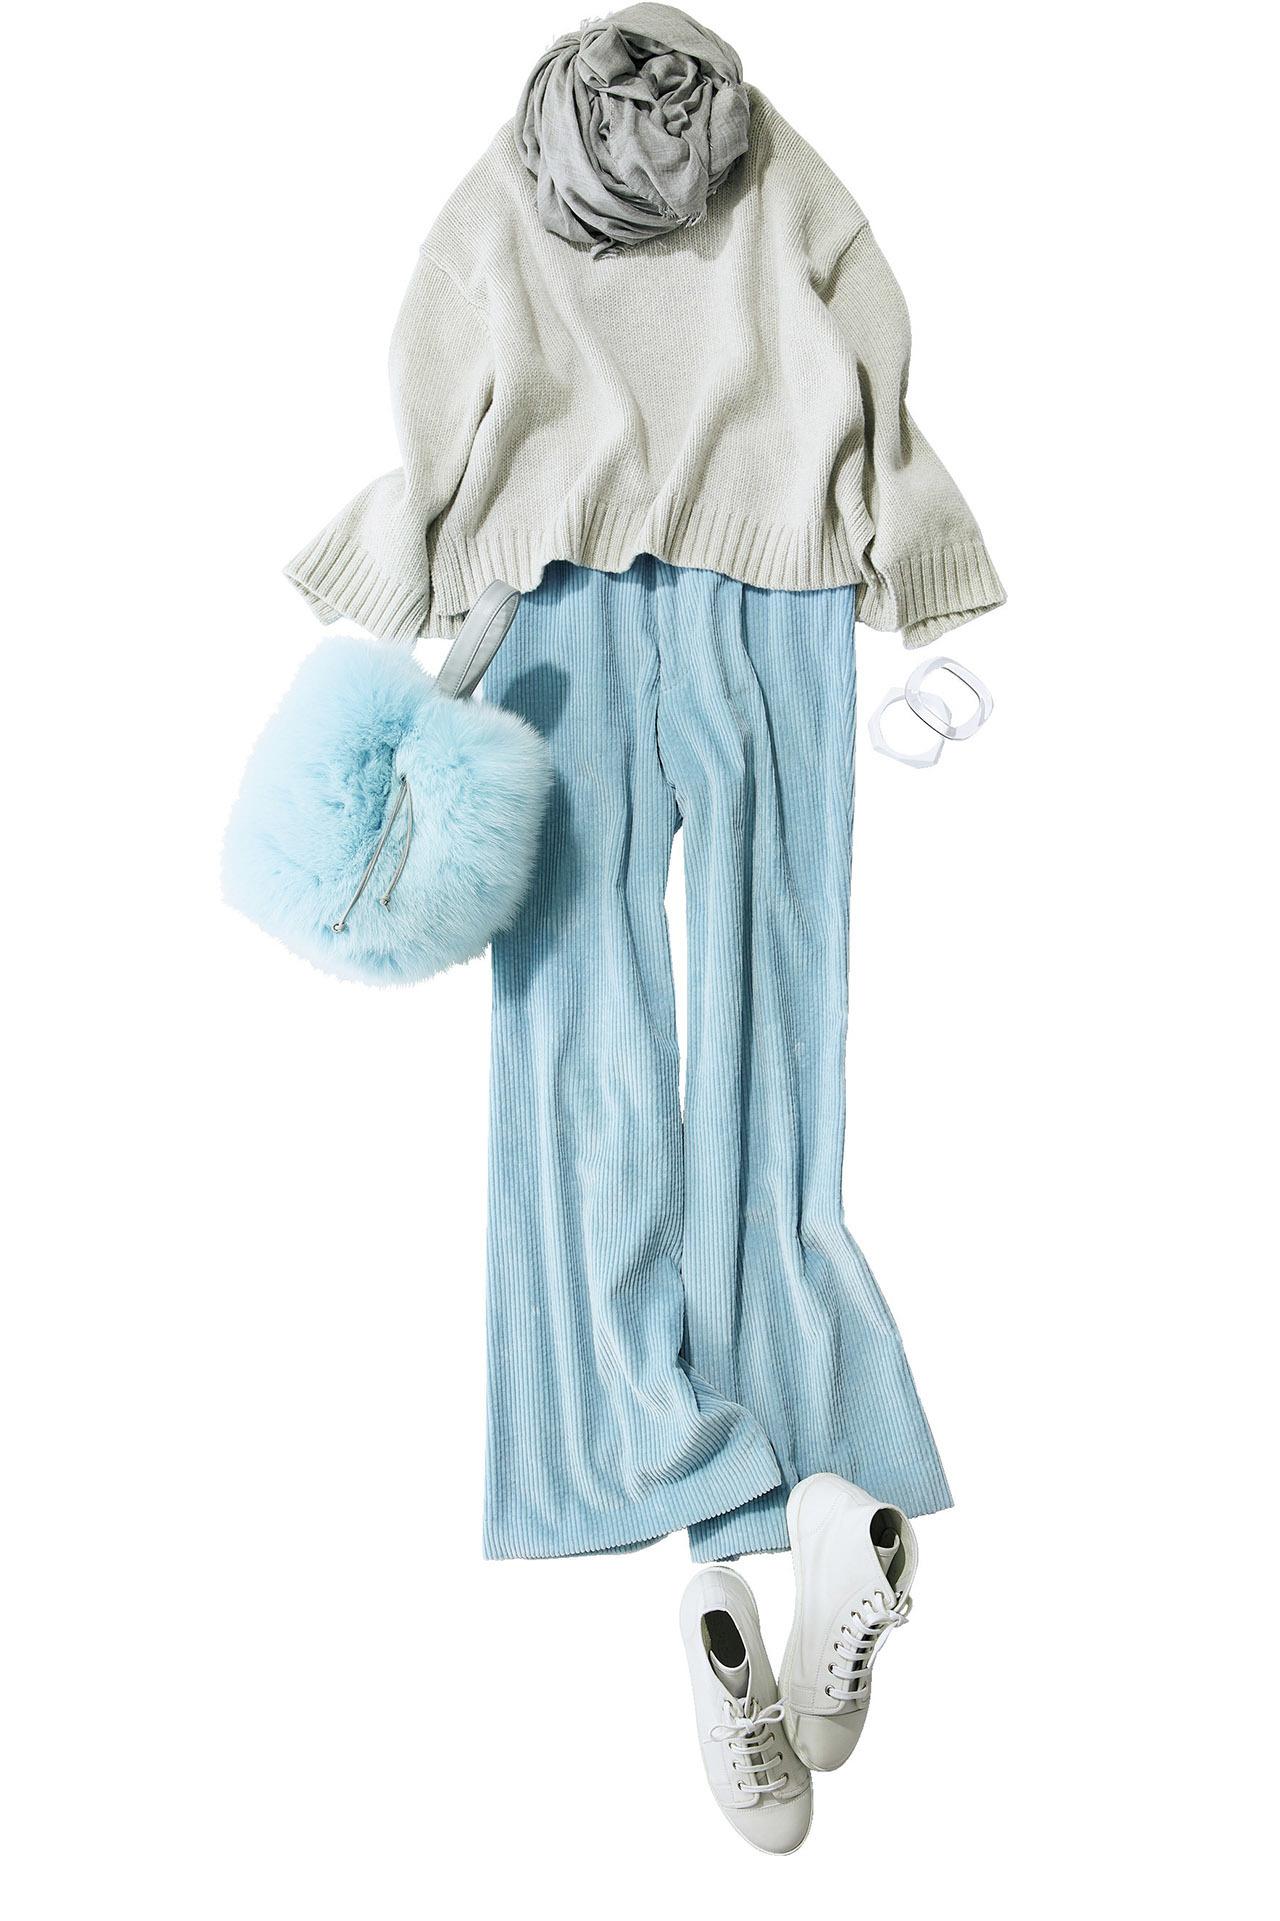 アイスブルーのファーバッグは「エストネーション」との別注アイテム